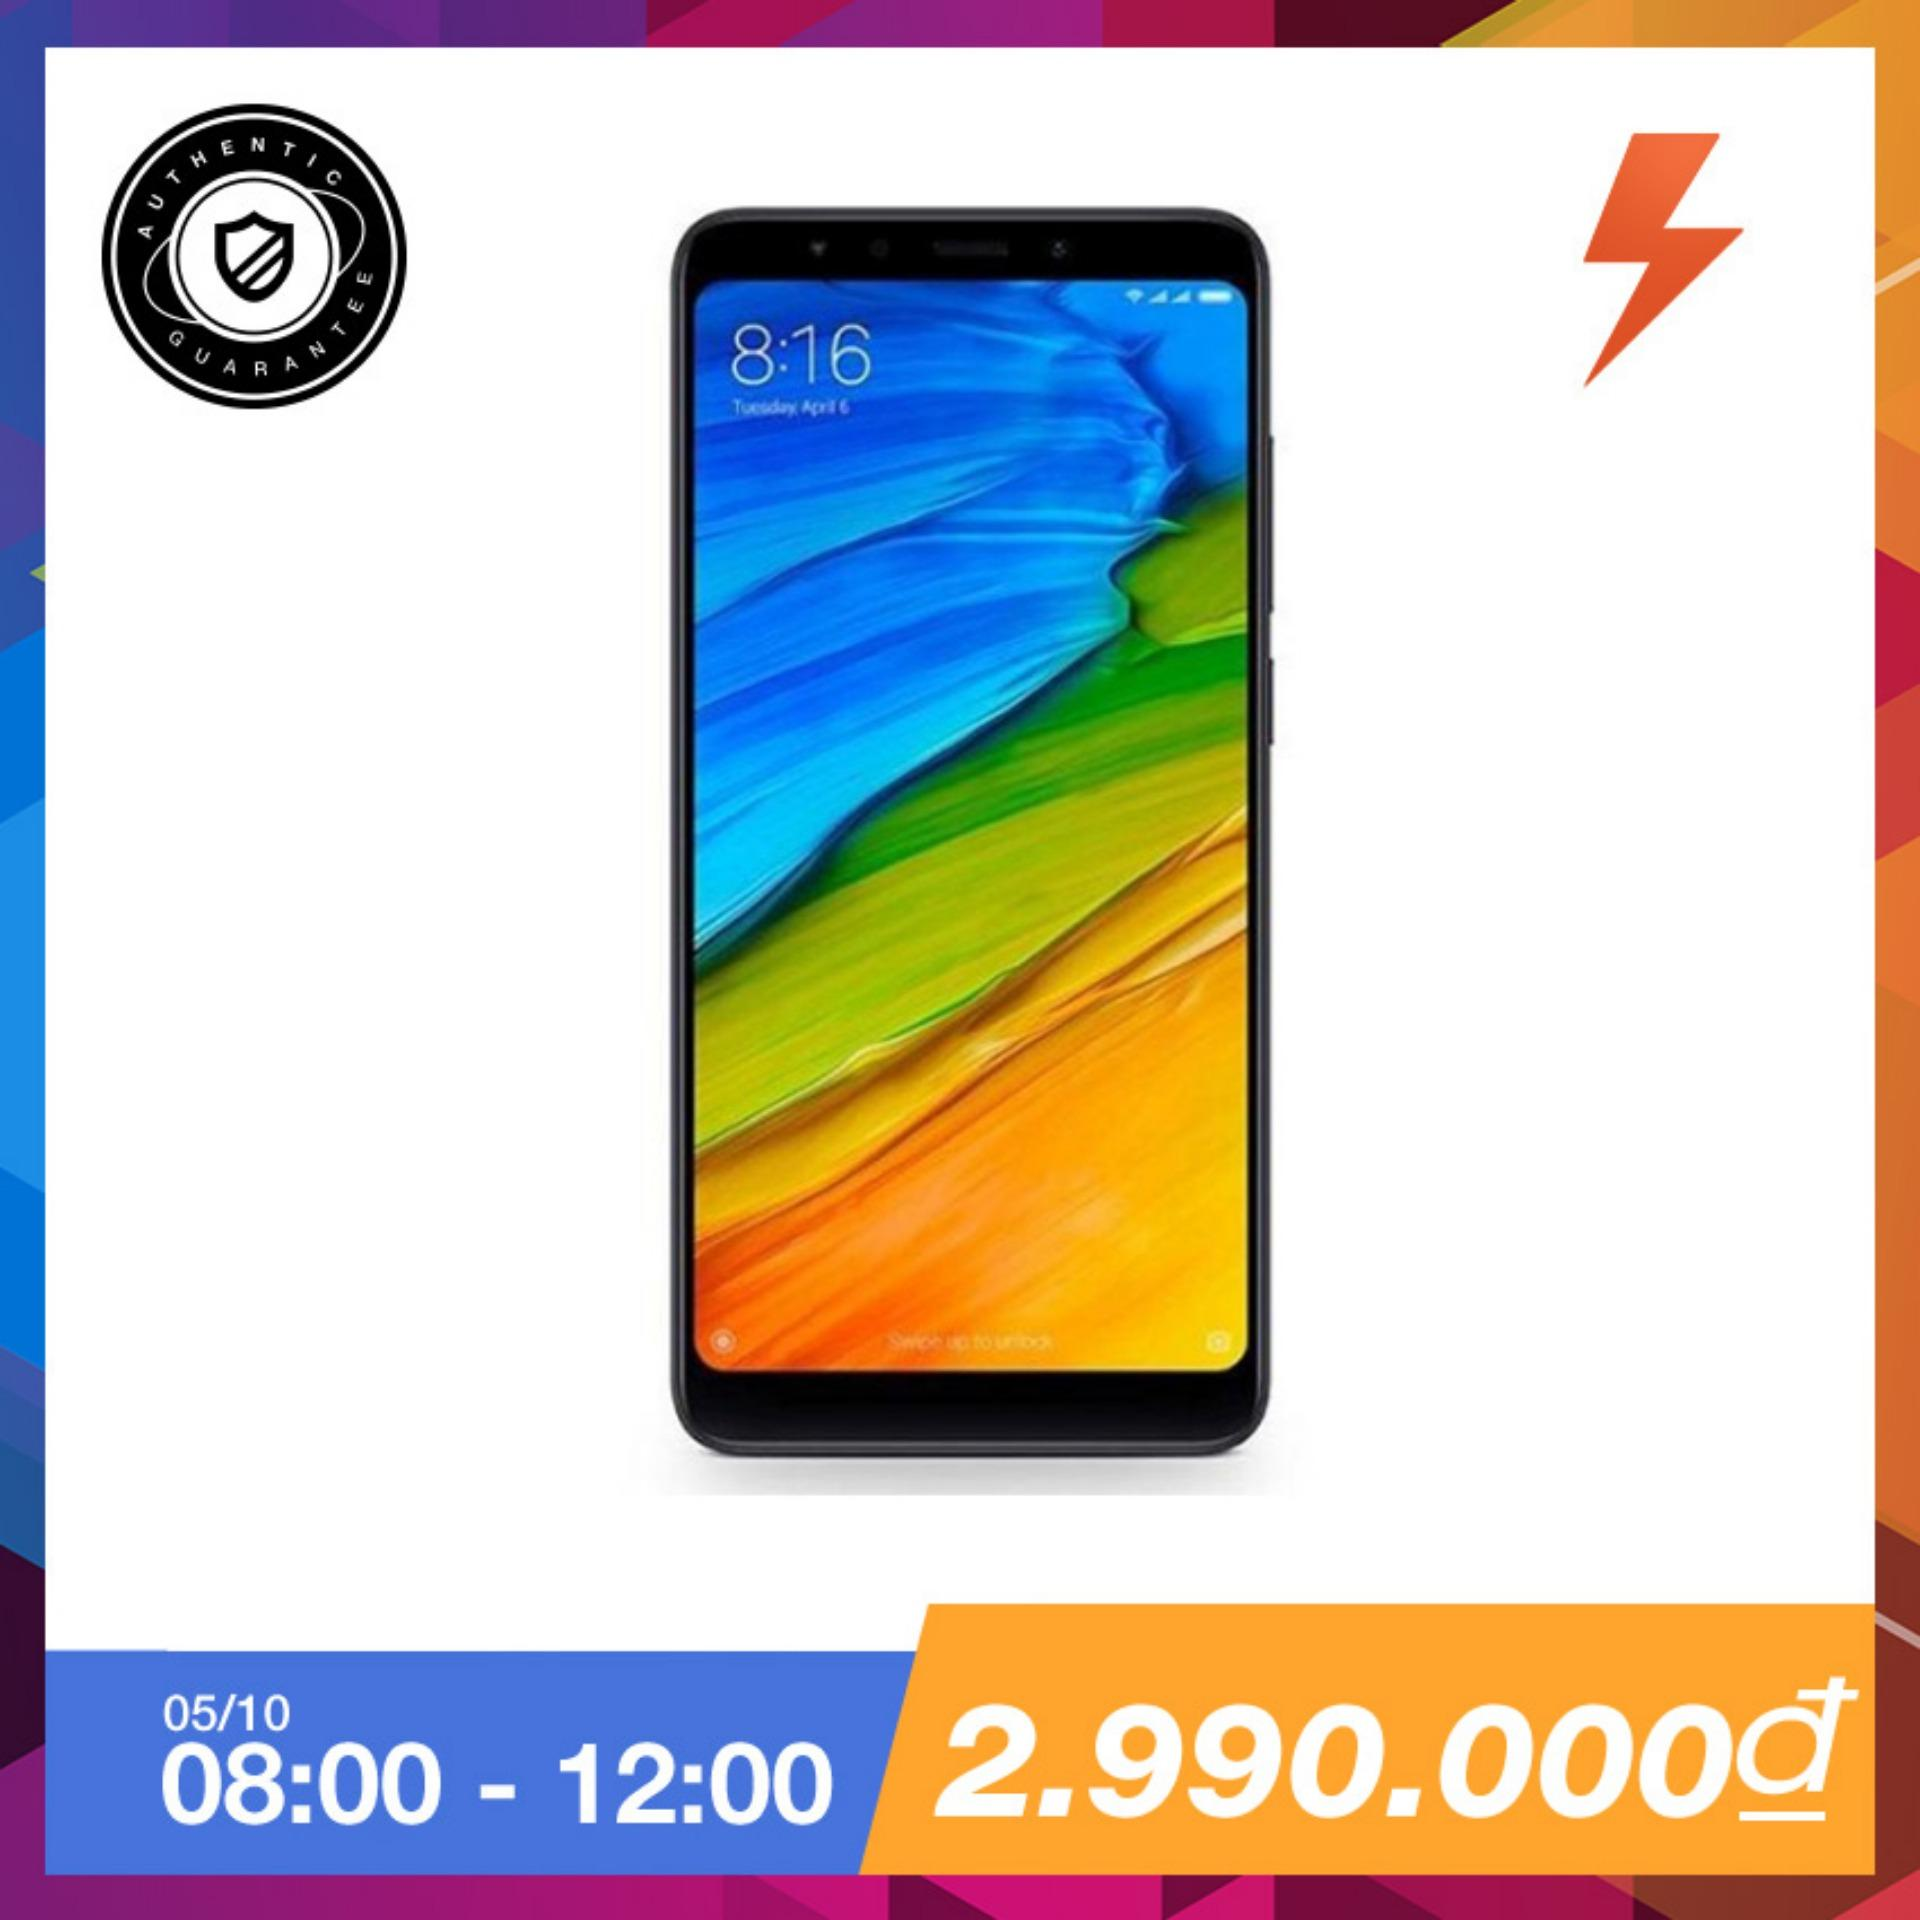 Bán Xiaomi Redmi 5 32Gb Ram 3Gb Đen Hang Phan Phối Chinh Thức Có Thương Hiệu